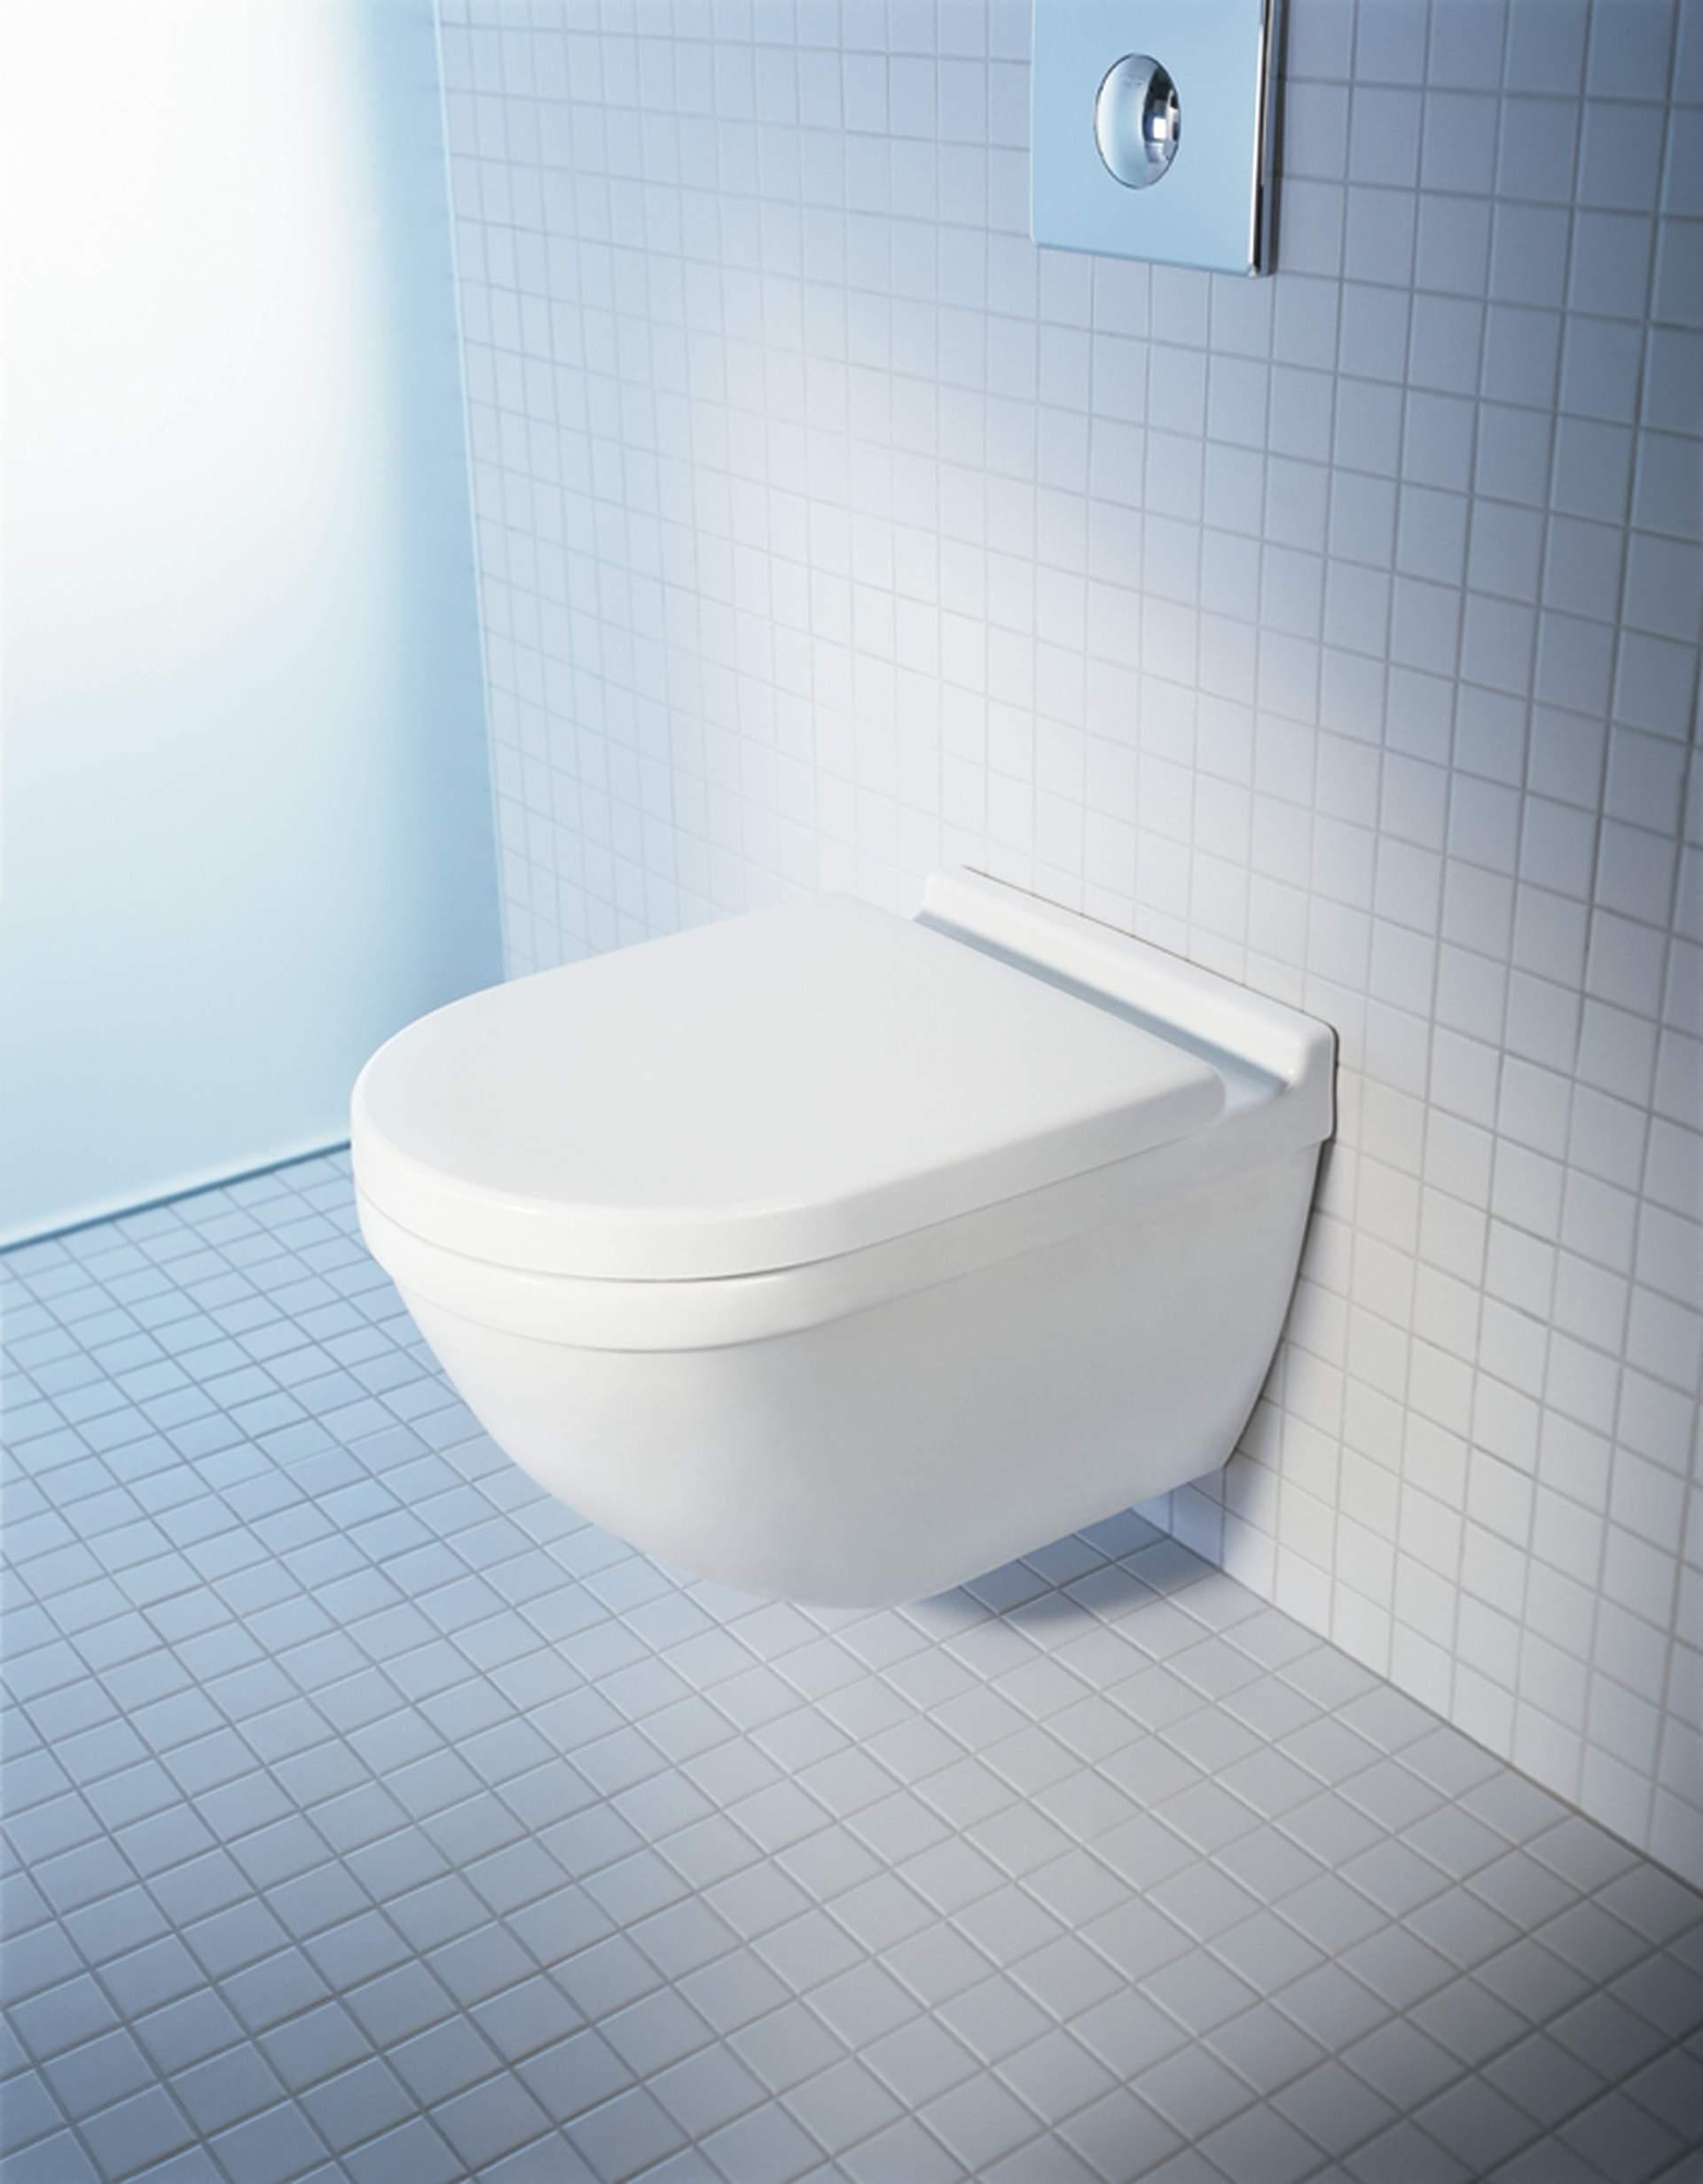 Starck 3 Toilet wallmounted 222609  Duravit